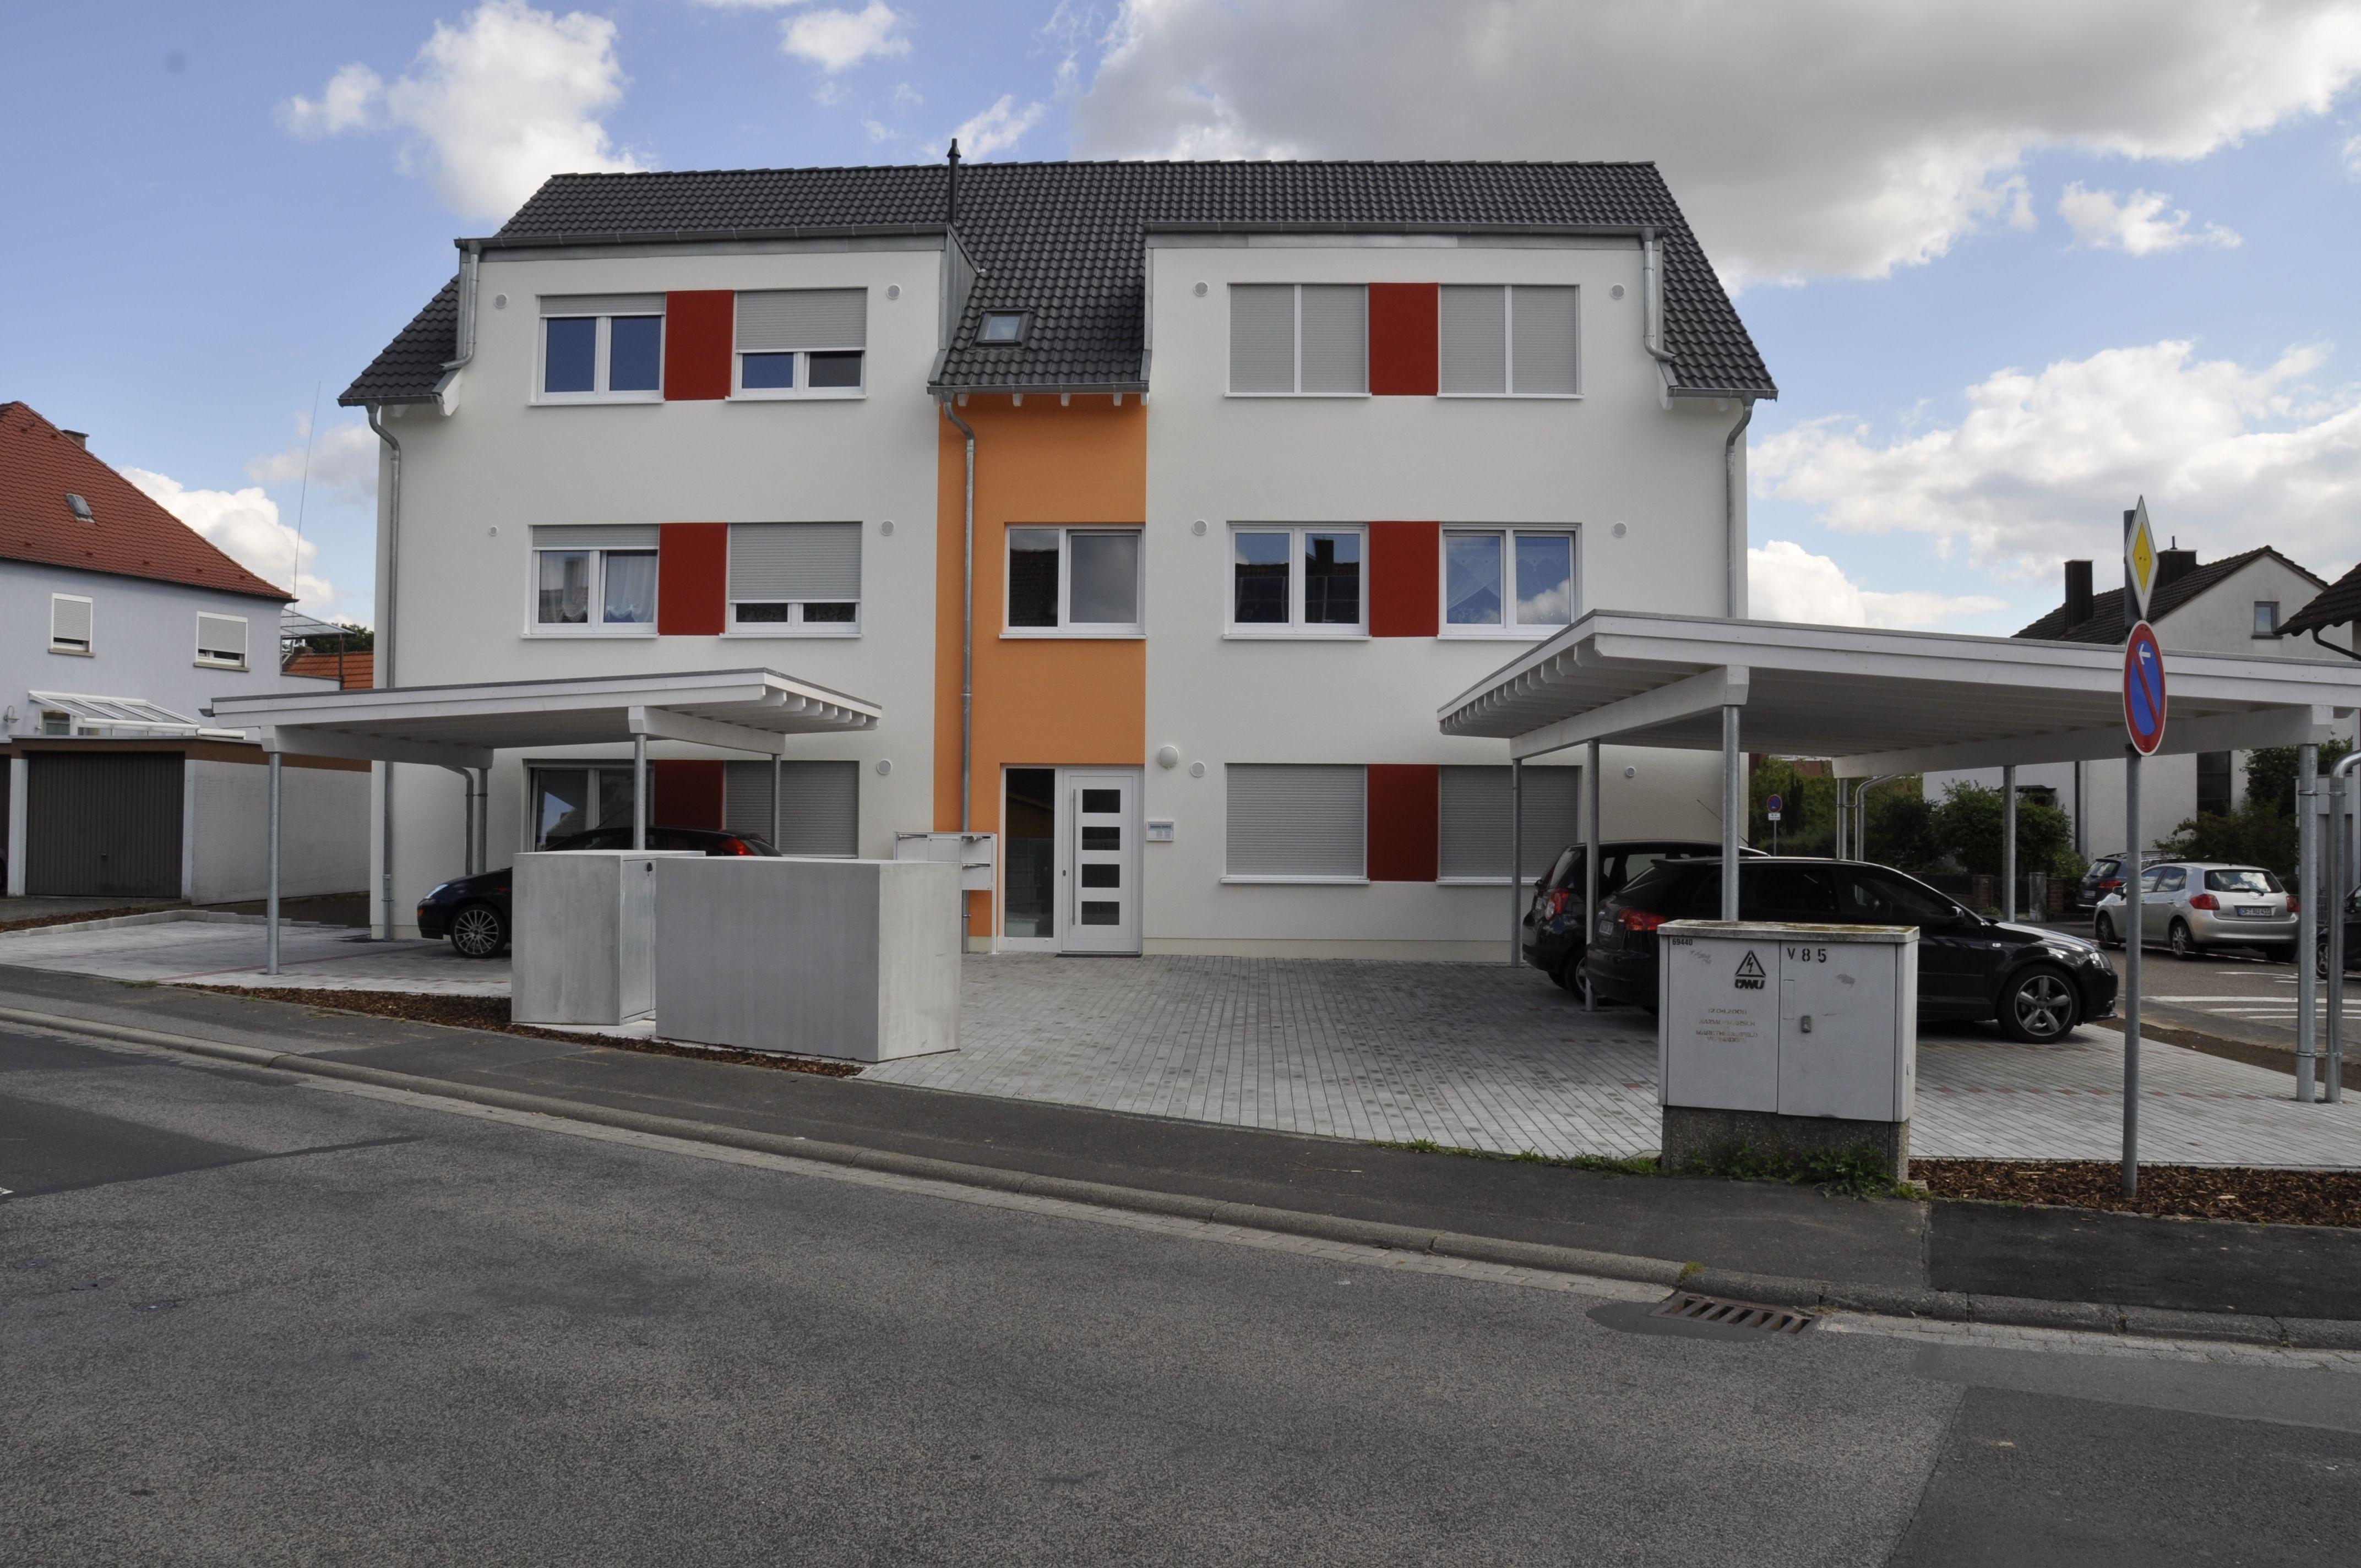 Mehrfamilienhaus in Marktheidenfeld